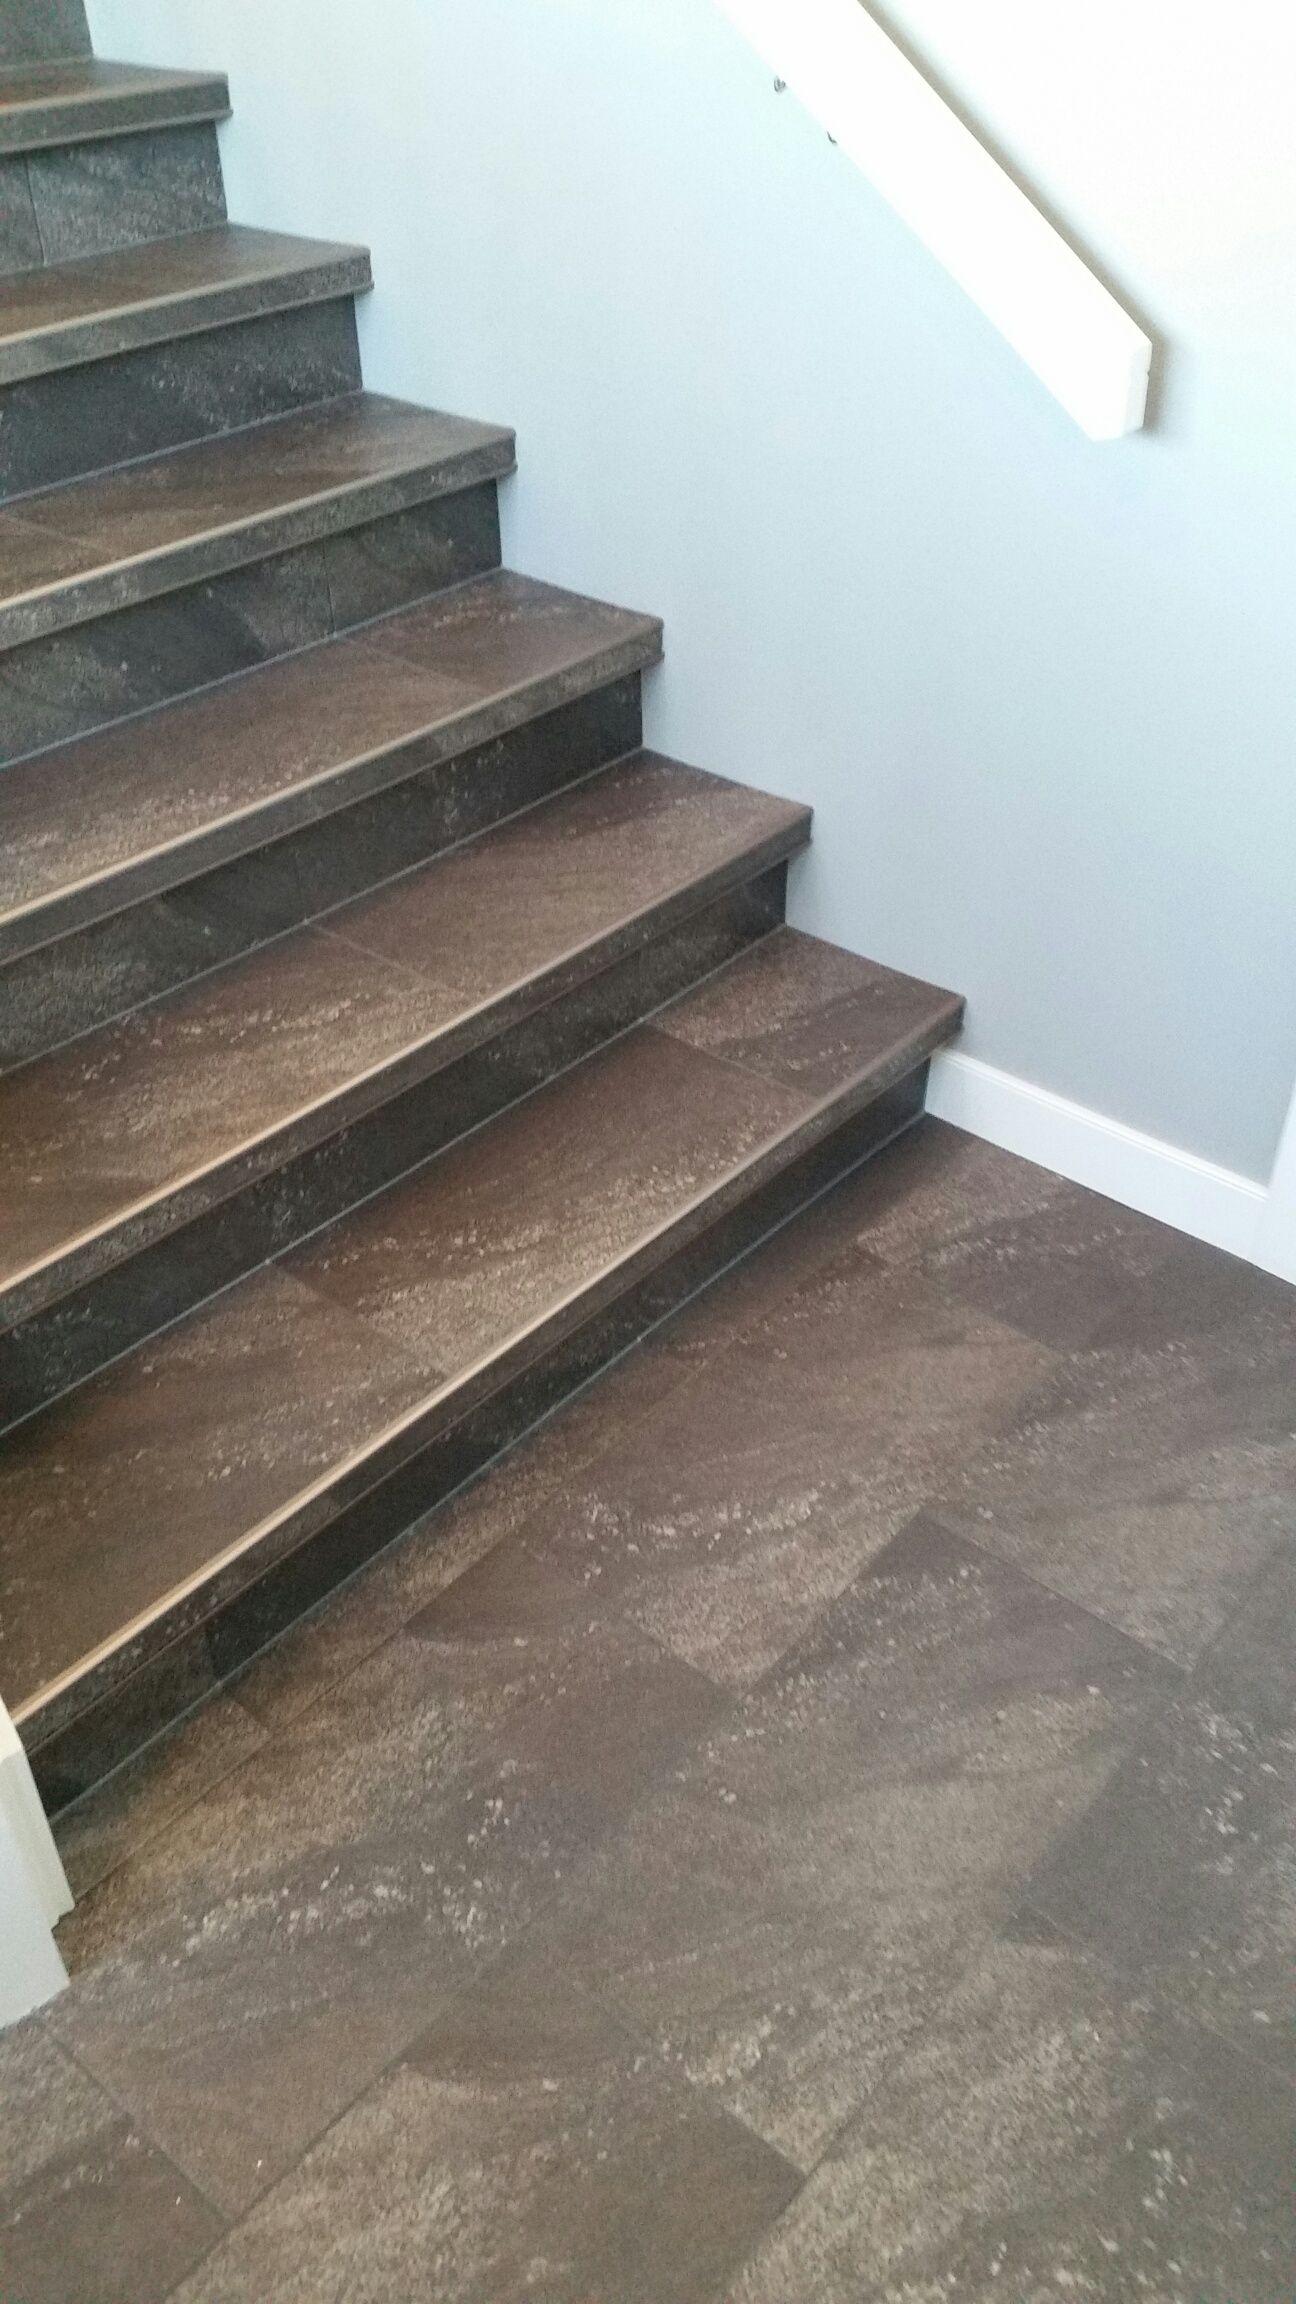 Luxury Vinyl Tile Installed With Custom Insert Stair Nosings Tile Stairs Stair Nosing Stairs Design